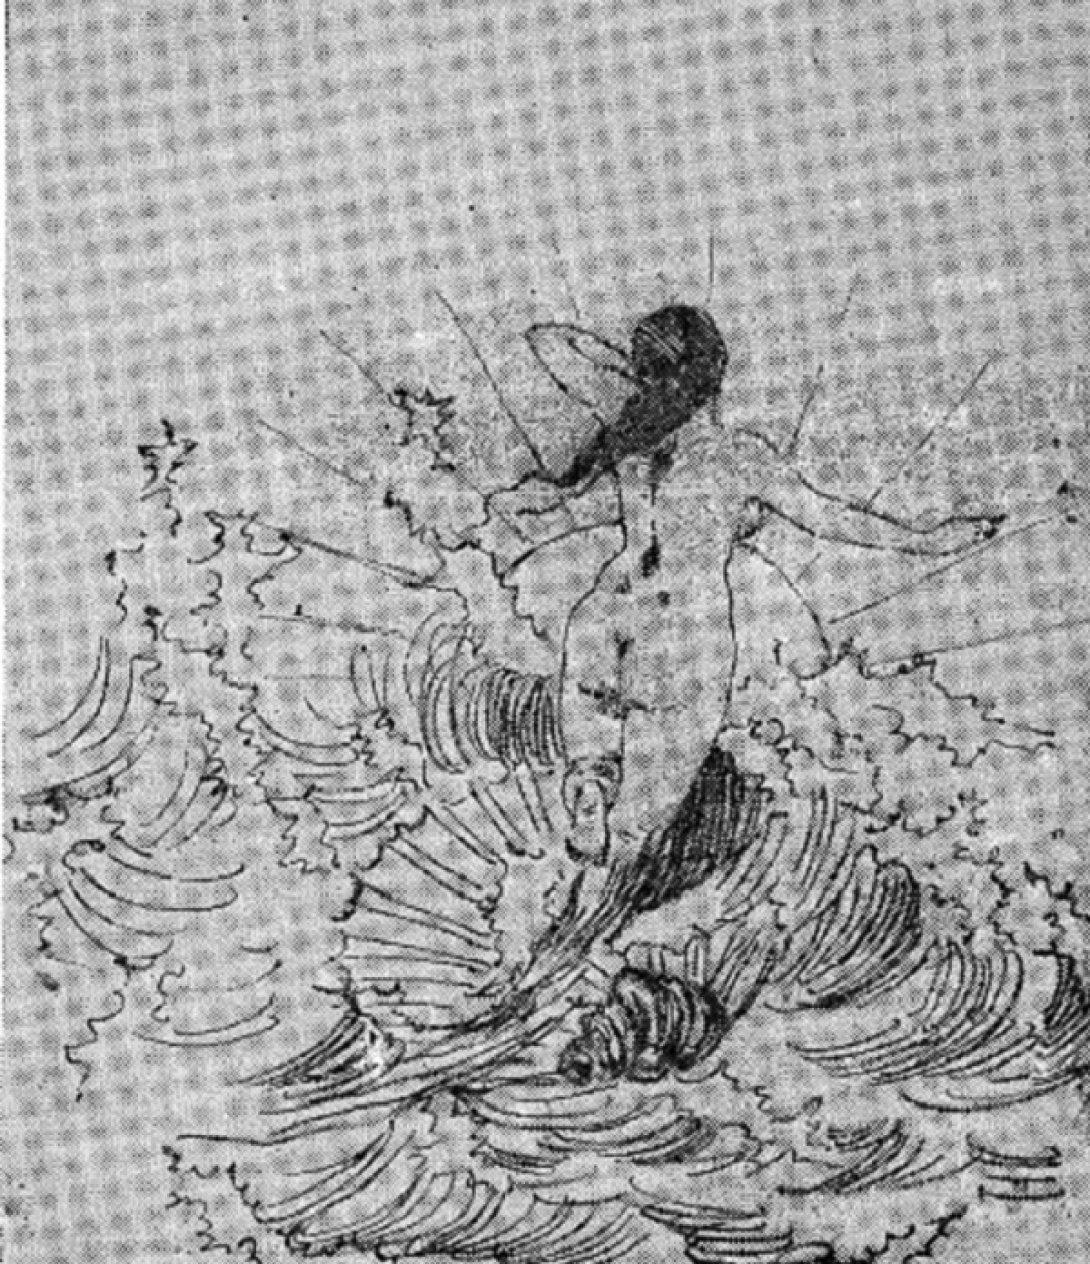 Venus dibujada por Juana Borrero